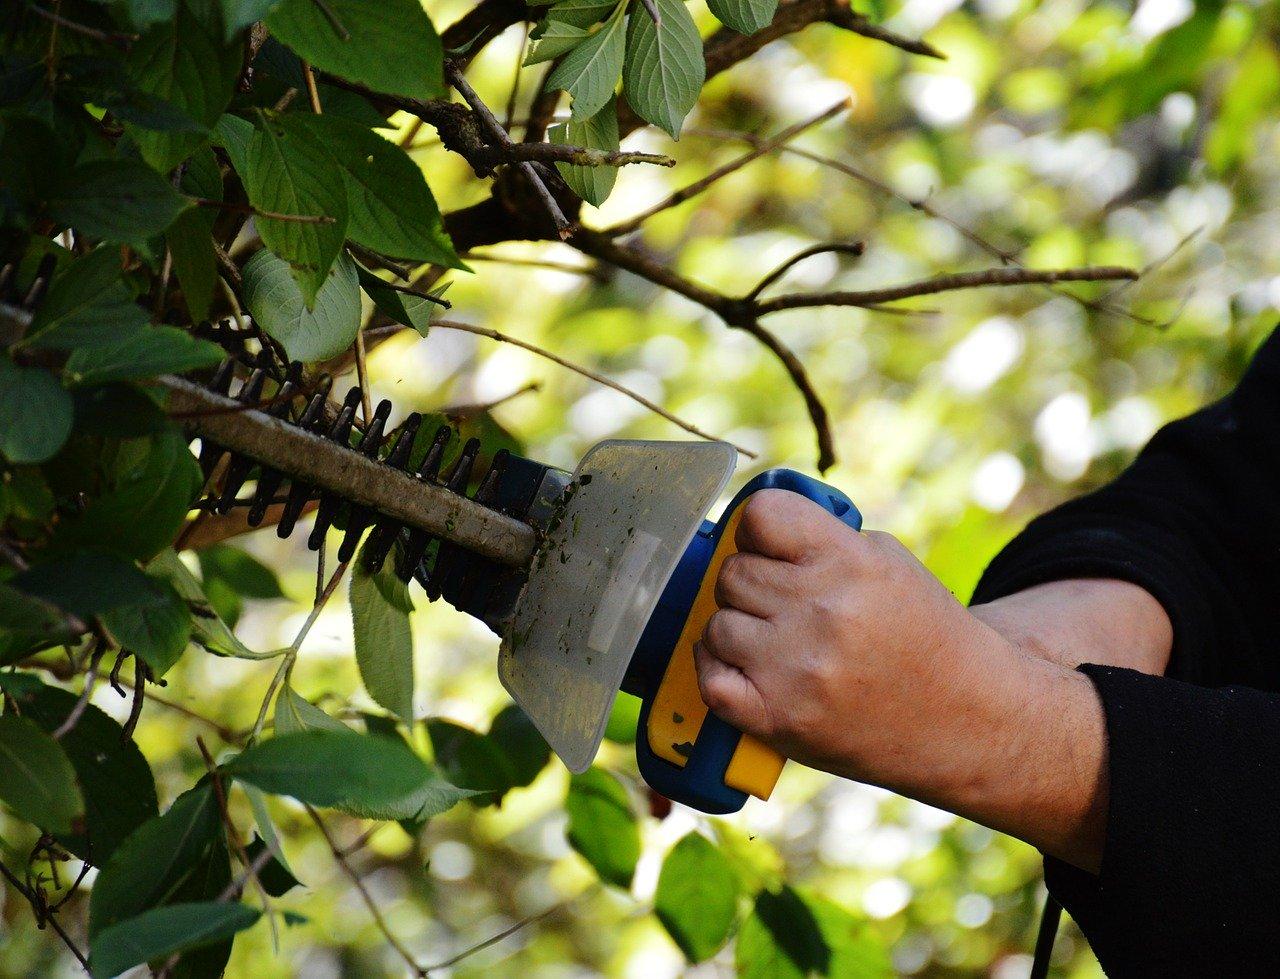 bush-972972_1280.jpg